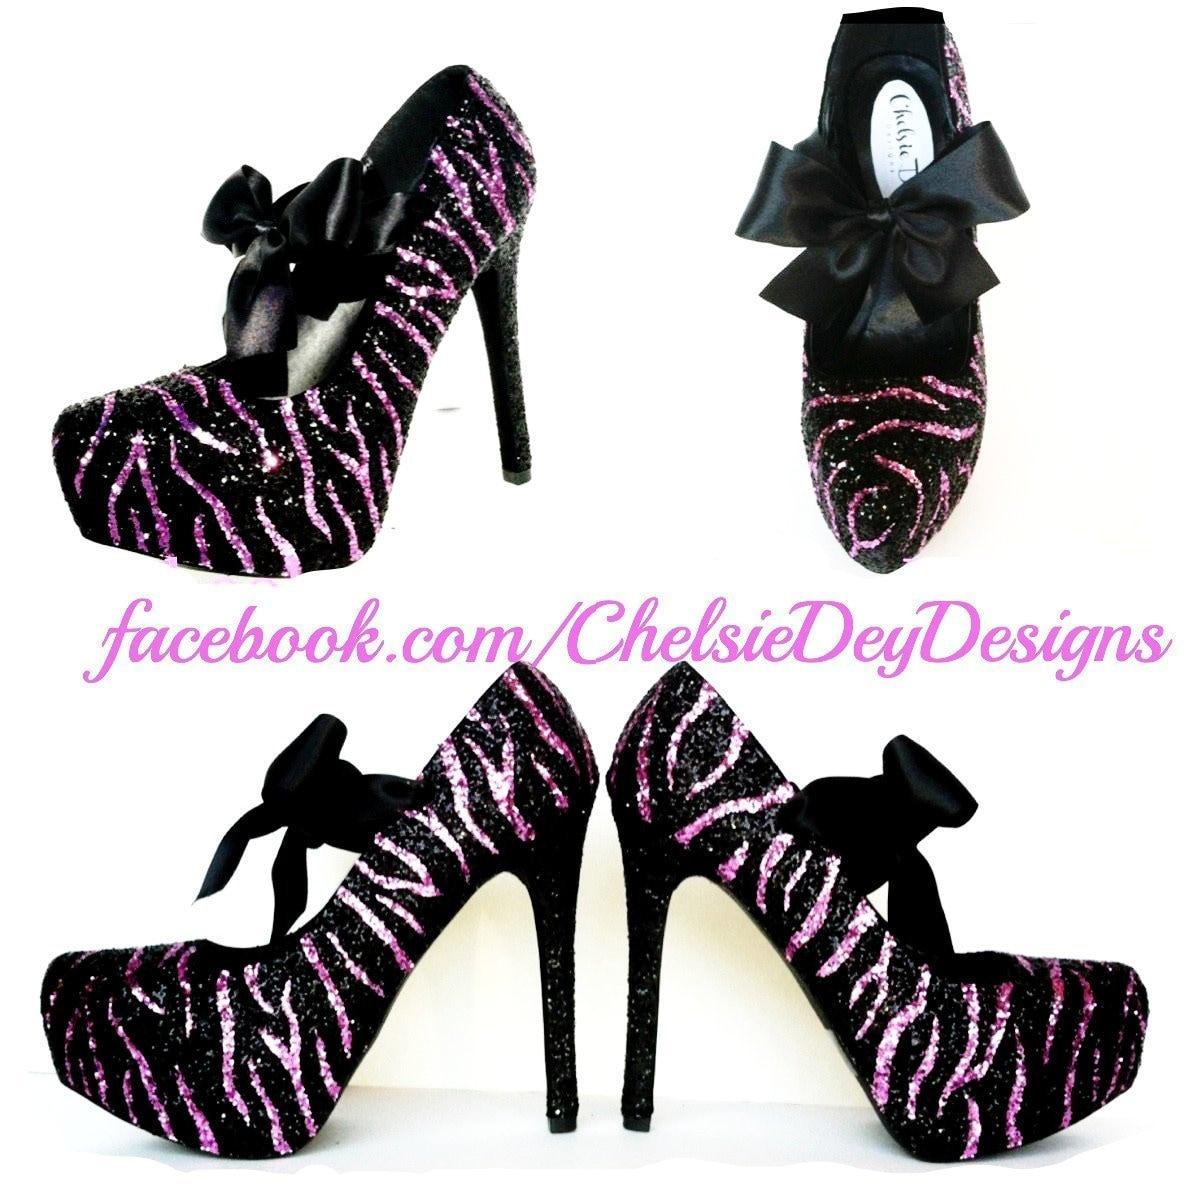 a872f33a2e1 Zebra High Heels Glitter Hot Pink Pumps Striped Wedding